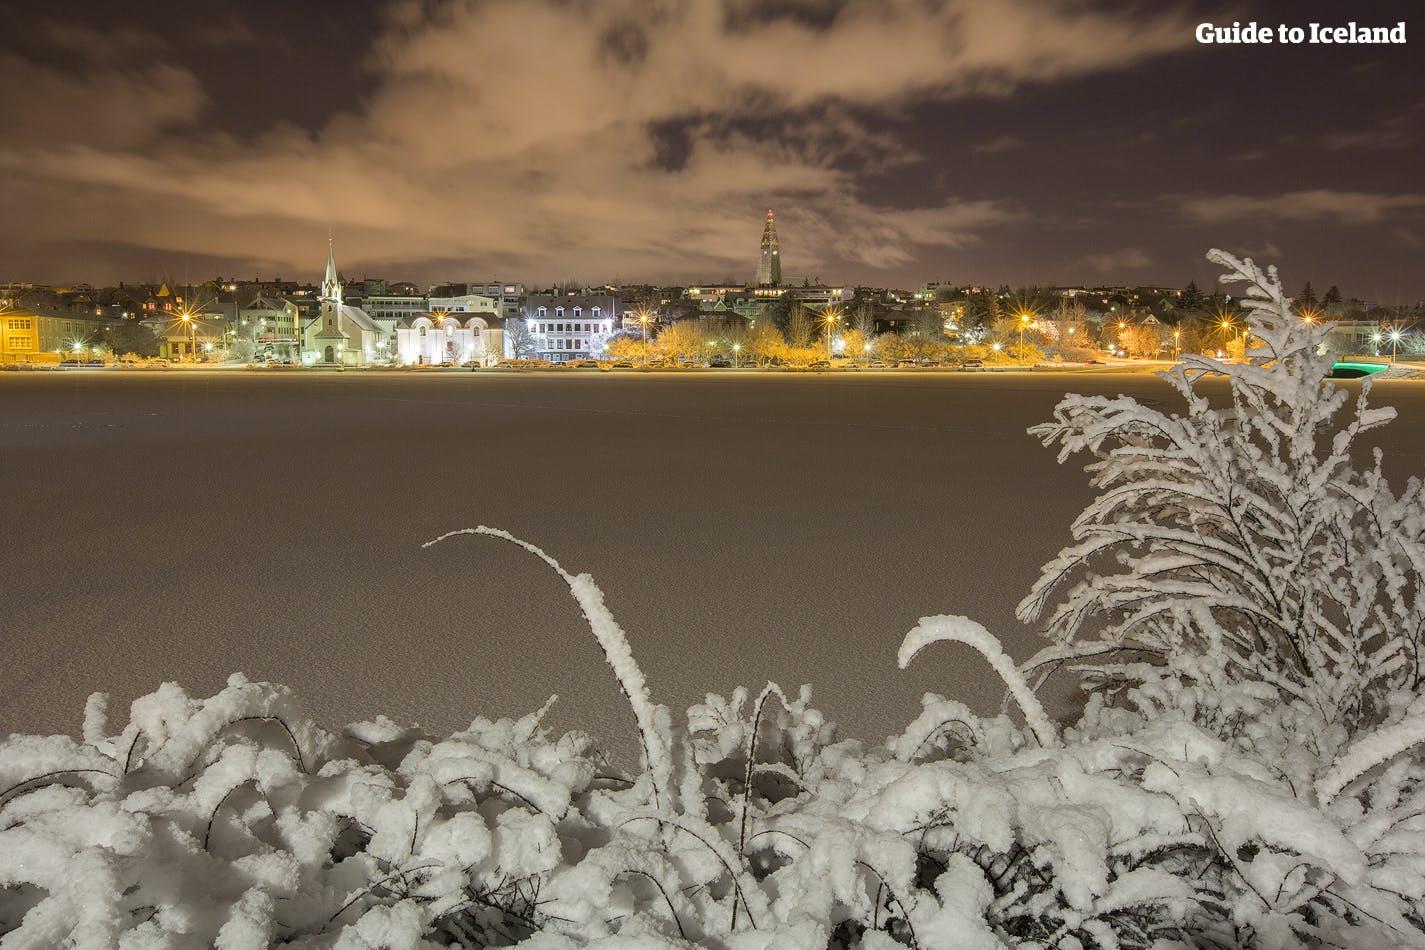 Reykjavik zimą wygląda niesamowicie pięknie, tutaj zdjęcie wykonane spod stawu Tjornin.